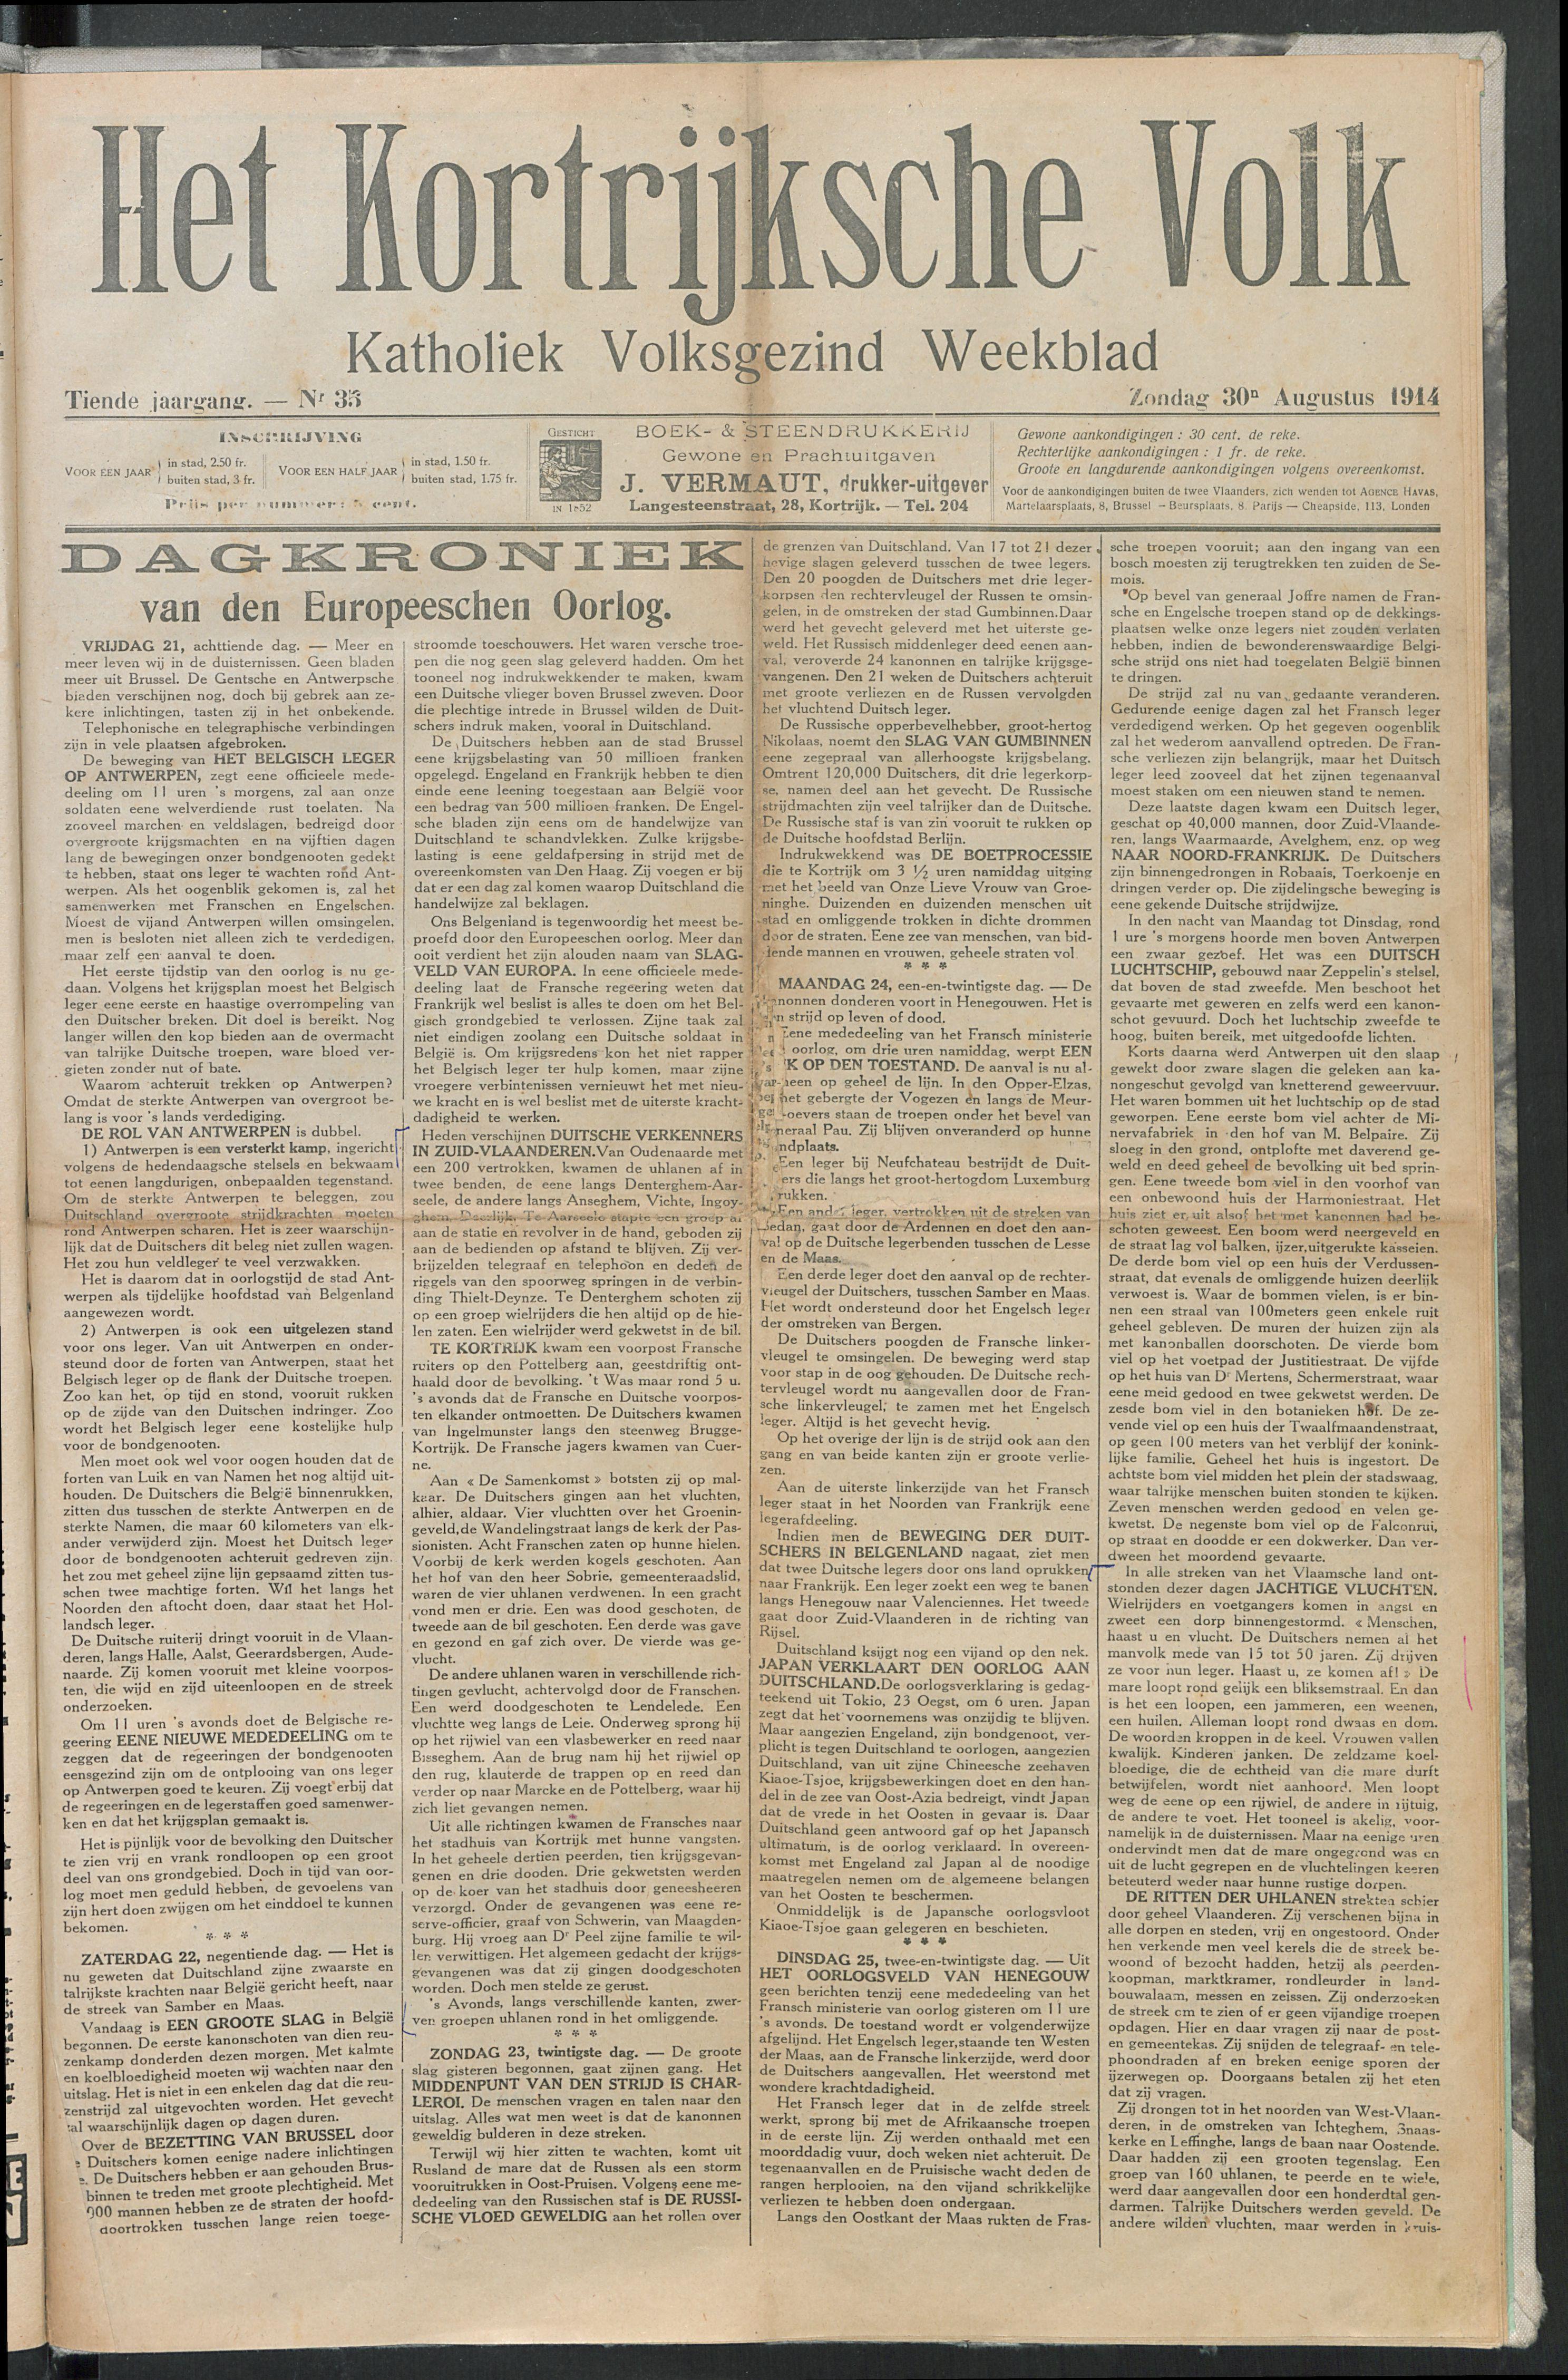 Het Kortrijksche Volk 1914-08-30 p1